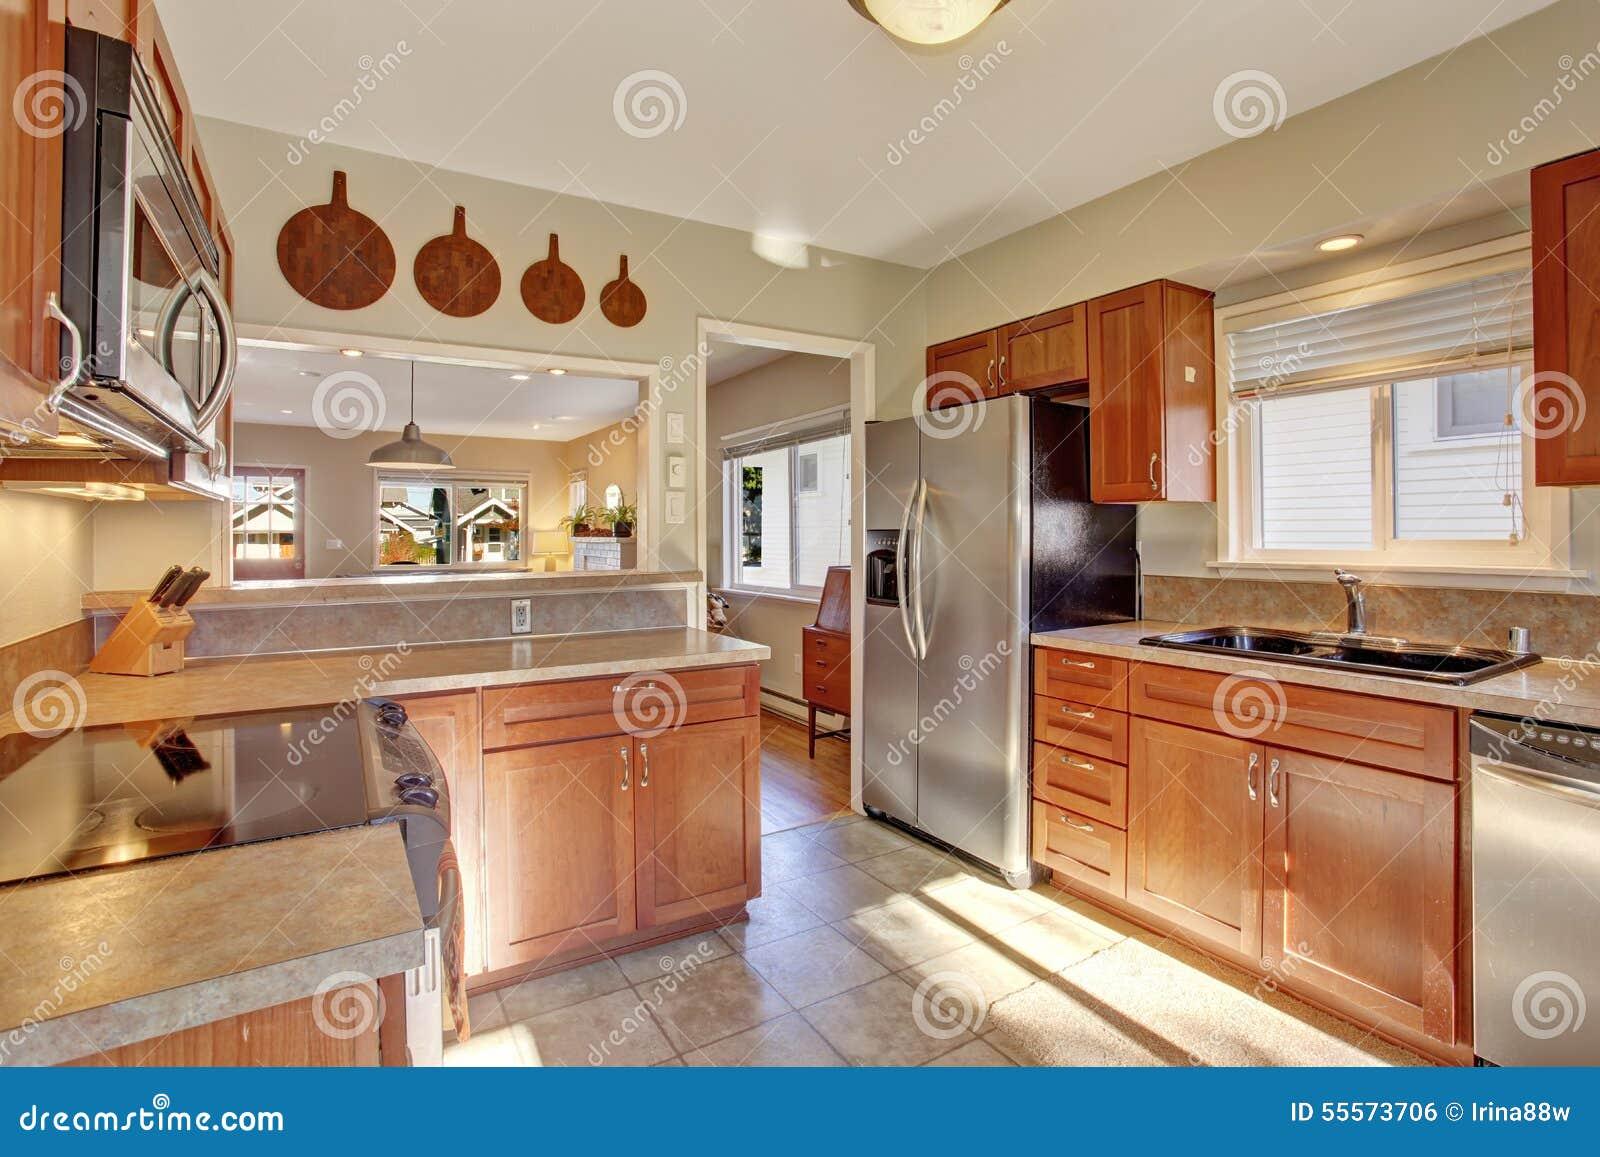 Cocina moderna con el suelo de azulejo foto de archivo for Azulejos cocina